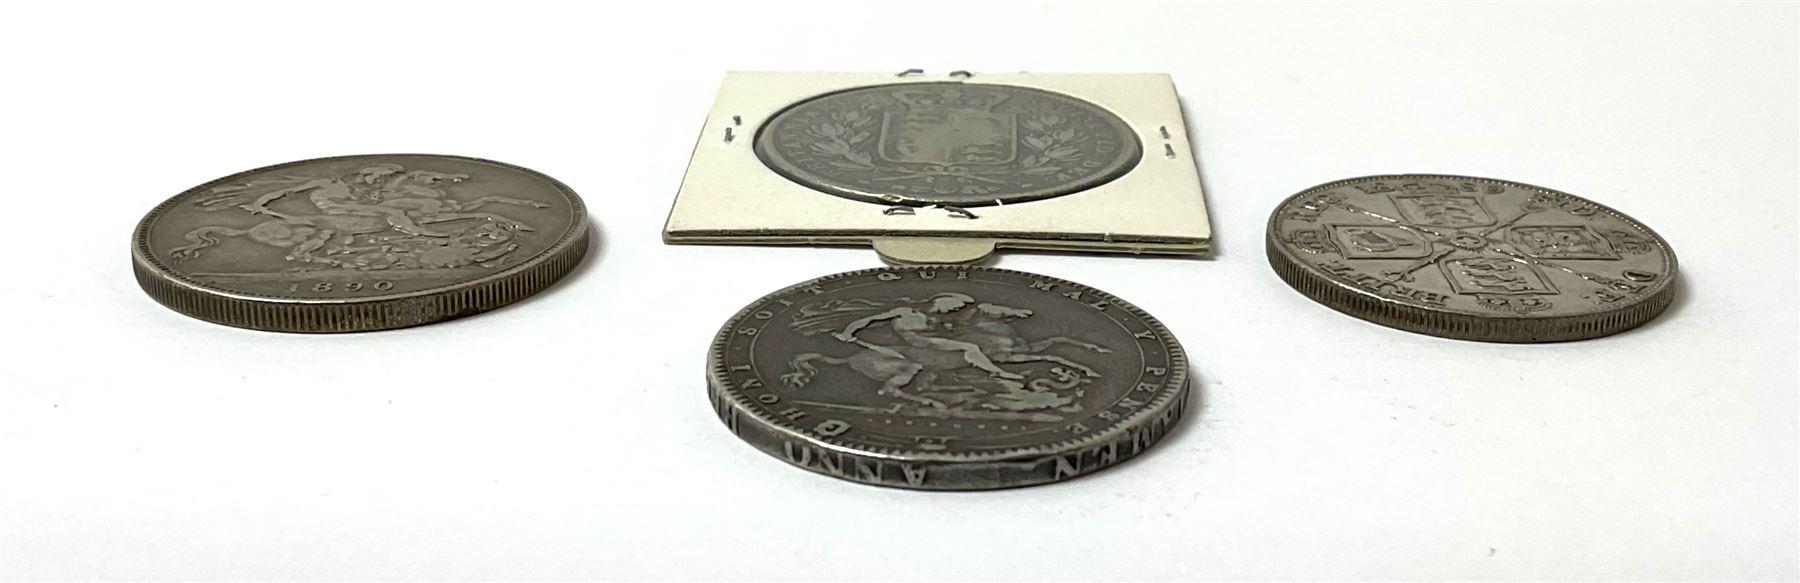 King George III 1920 crown - Image 4 of 4